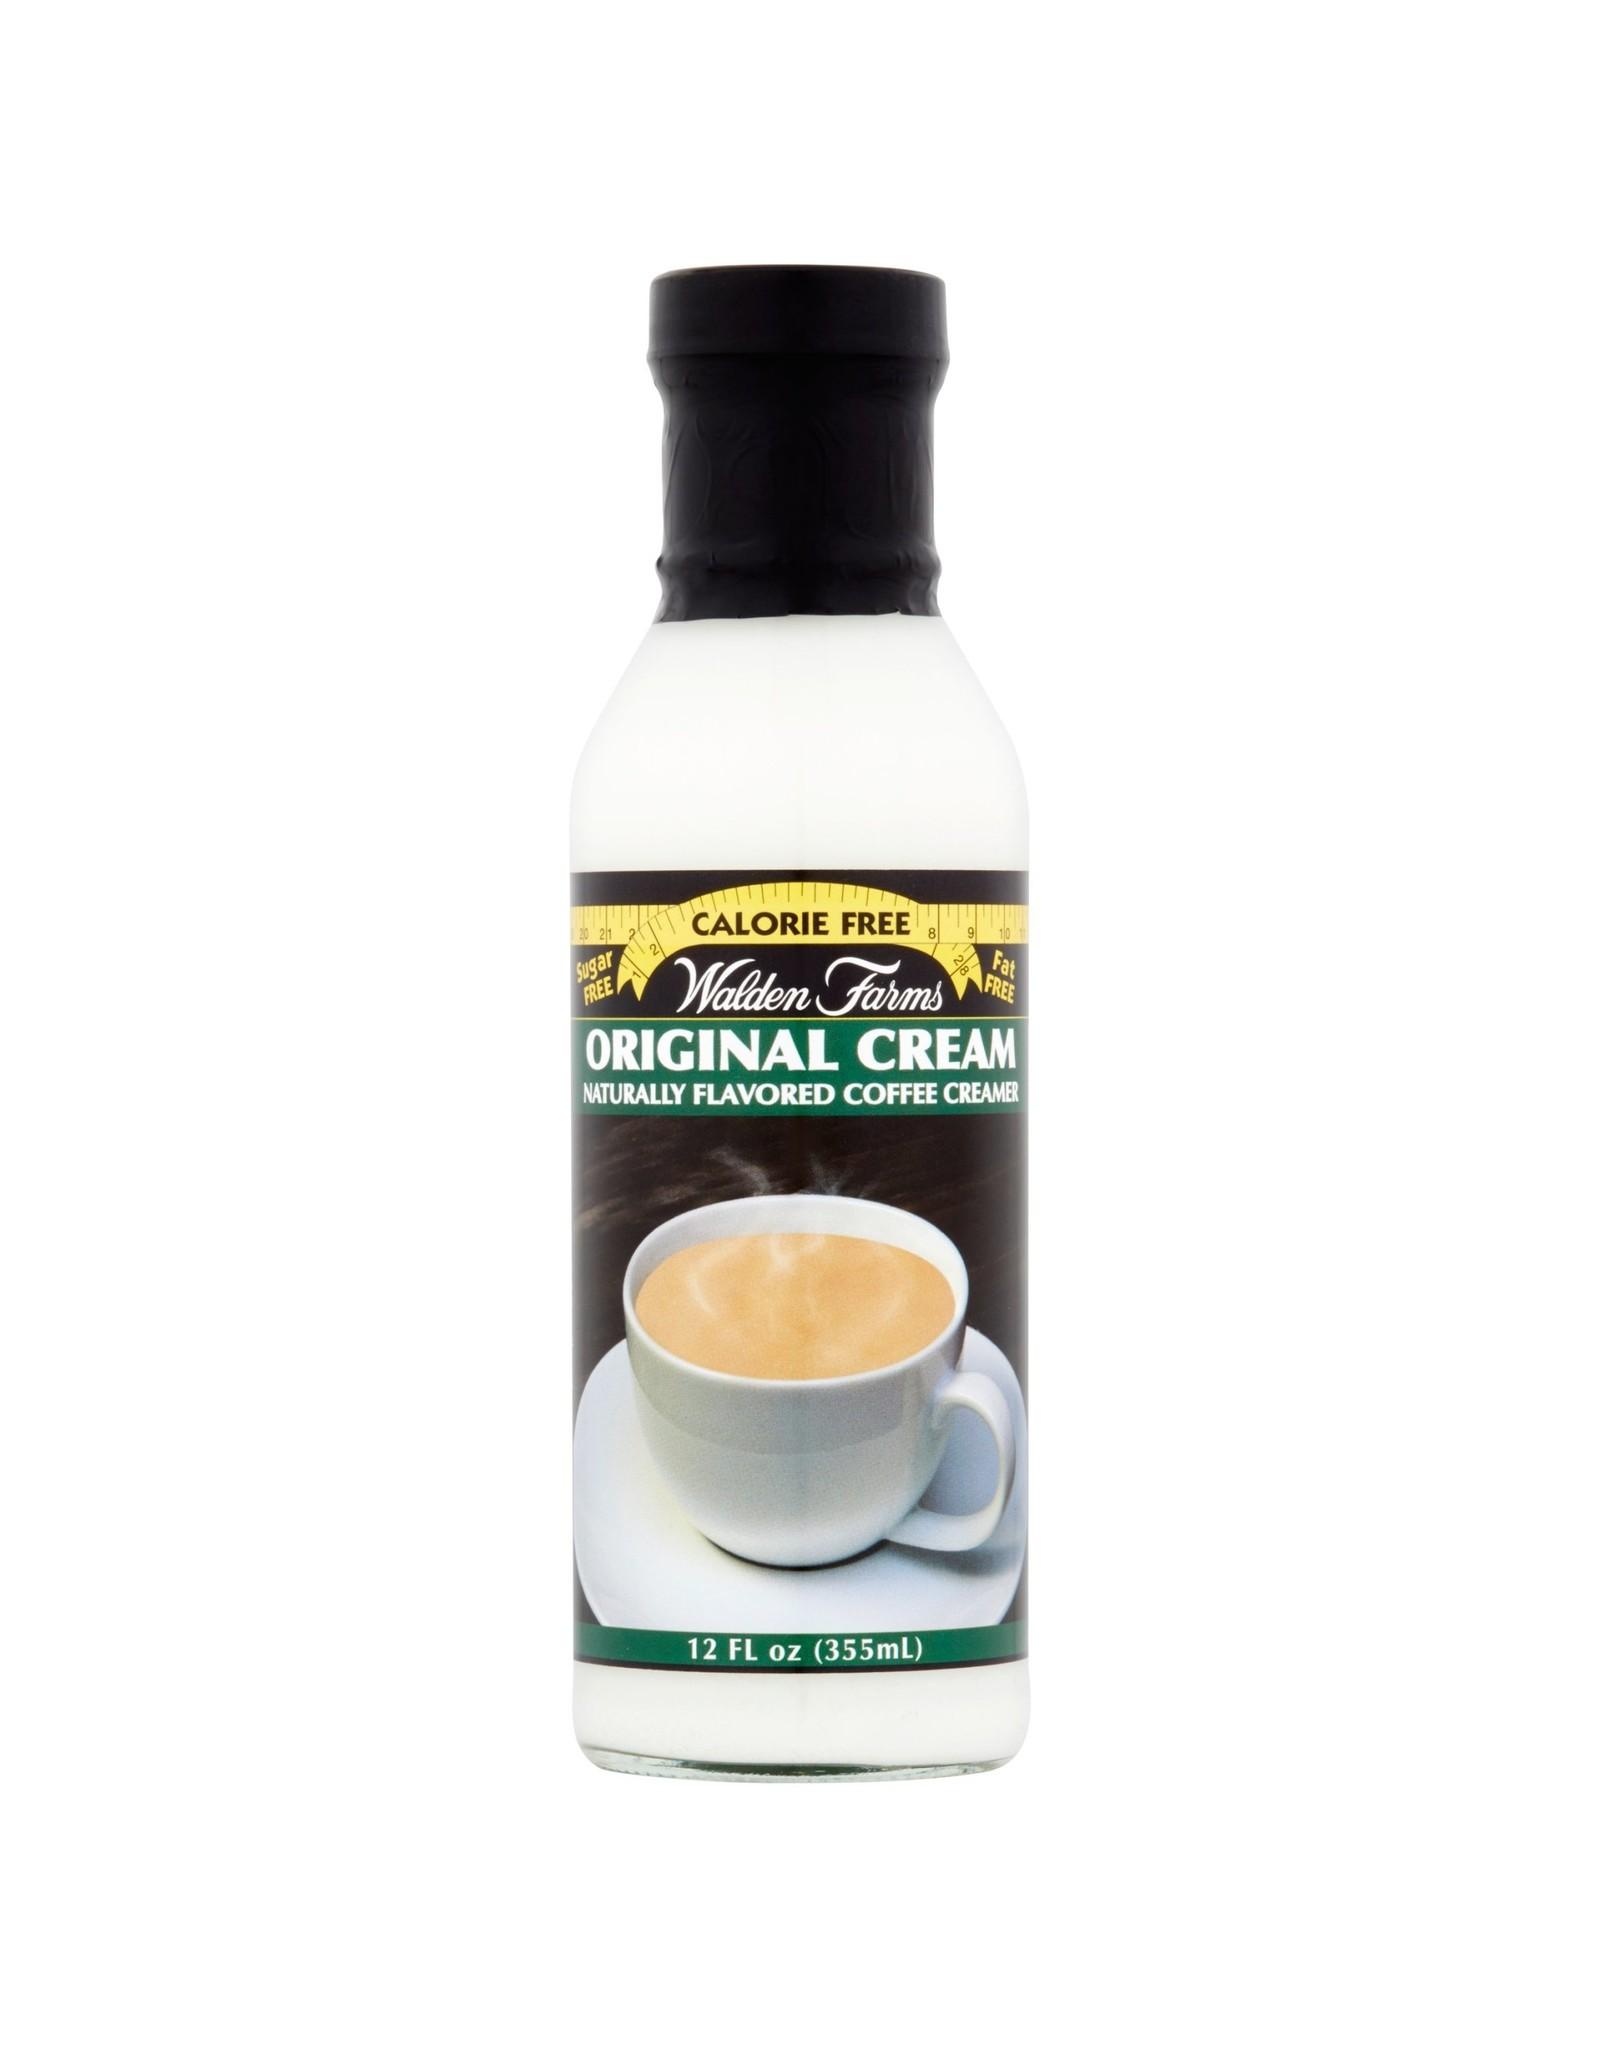 Walden Farms Original Cream Coffee Creamer